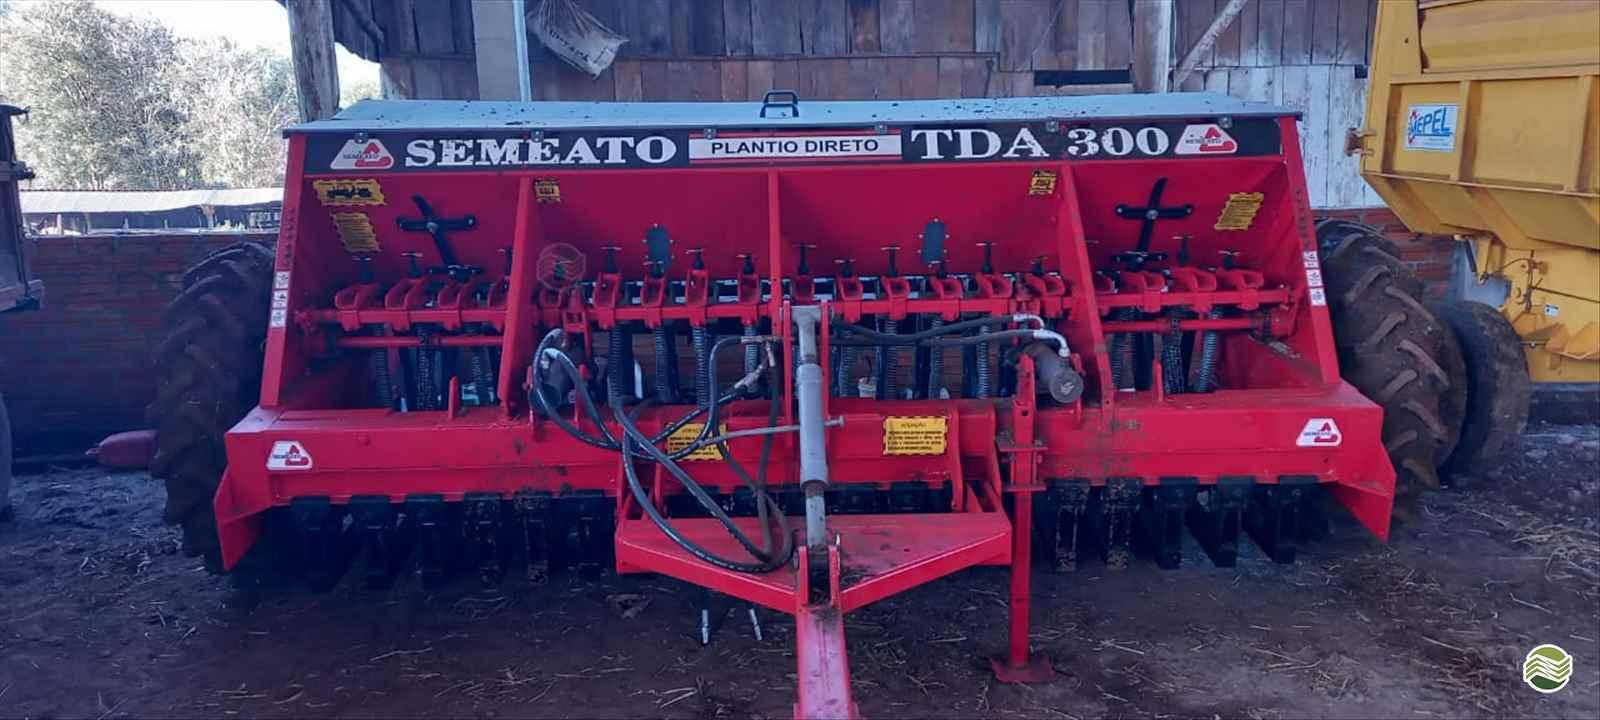 SEMEADEIRA SEMEATO TD 300 Agrocia Implementos Agricolas AJURICABA RIO GRANDE DO SUL RS